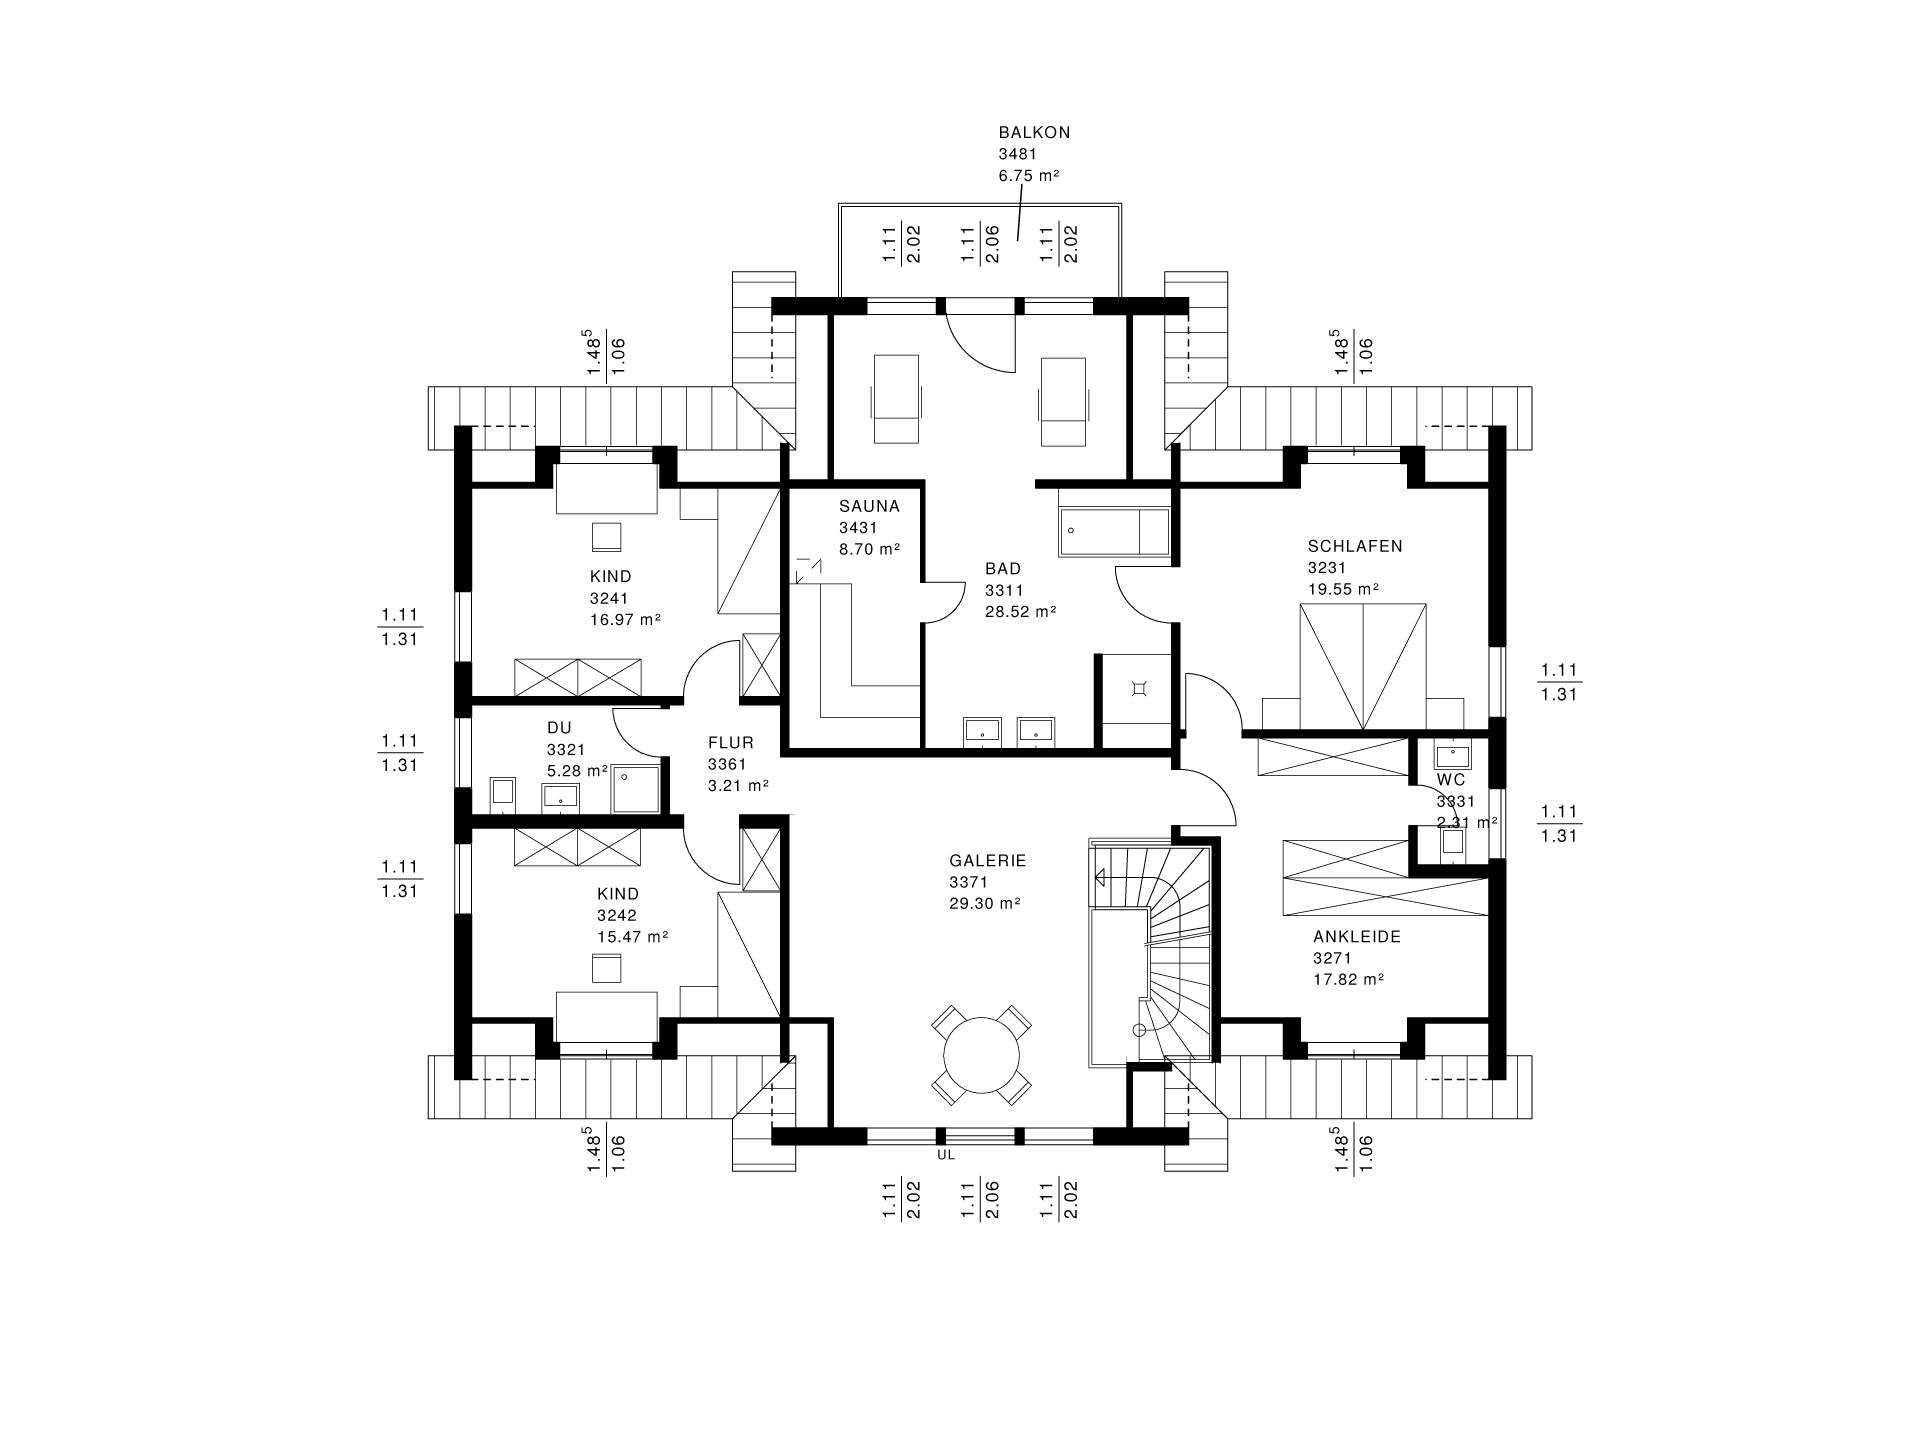 landhaus bauen hausbeispiele mit preisen und grundrissen. Black Bedroom Furniture Sets. Home Design Ideas